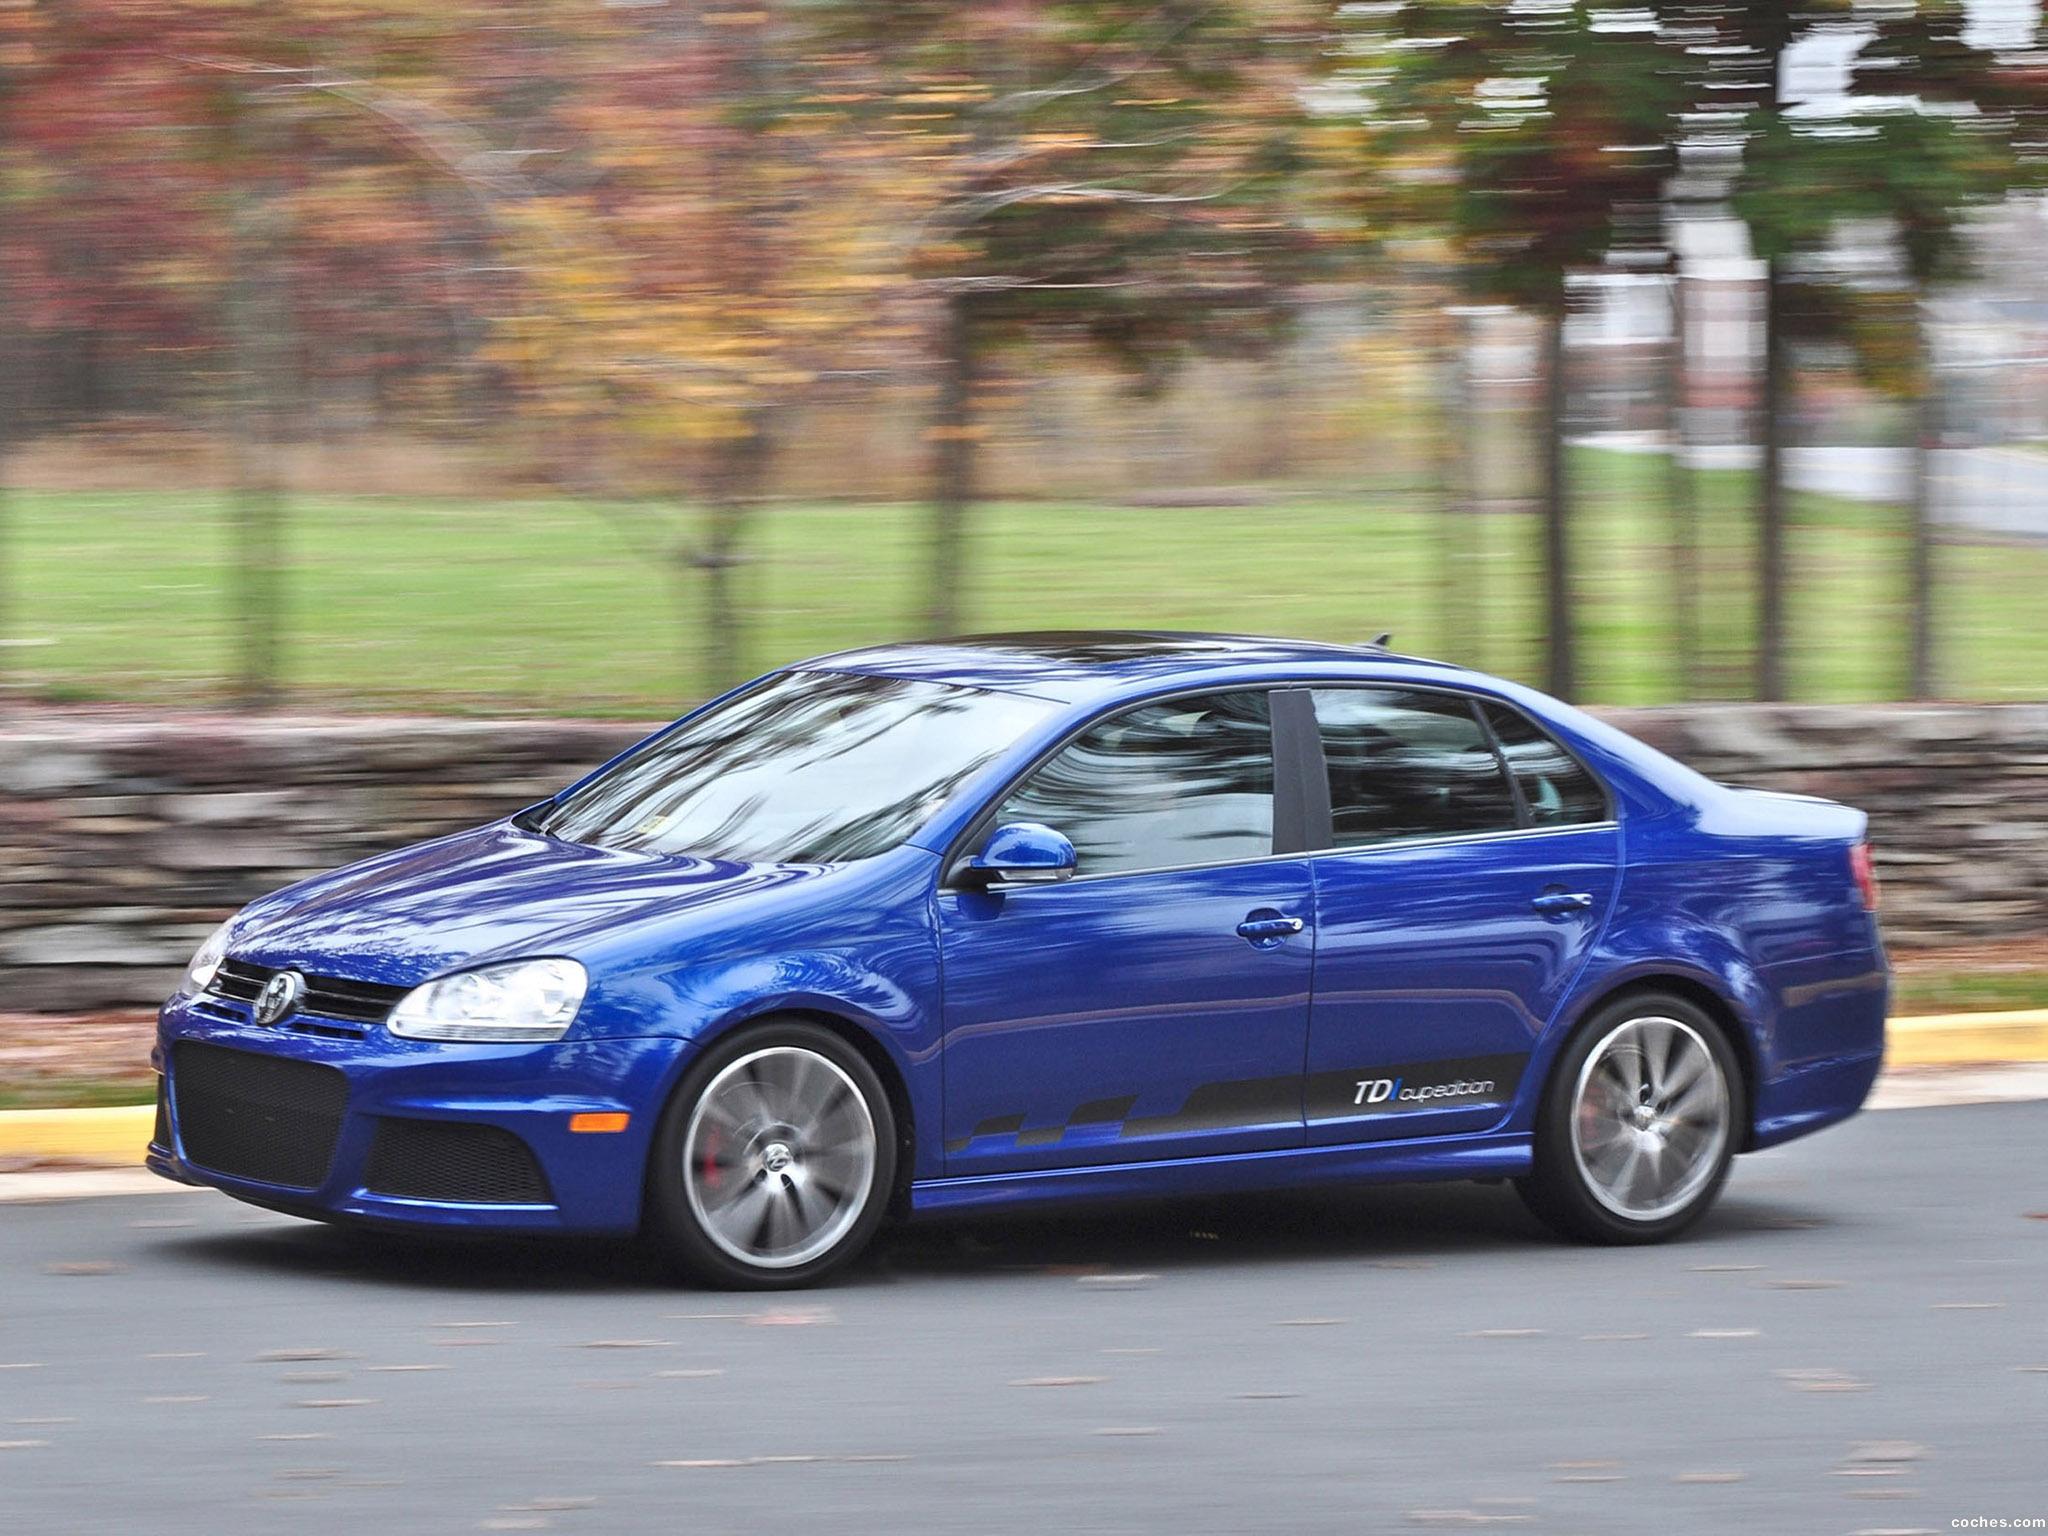 Foto 0 de Volkswagen Jetta TDI Cup Street Edition 2010